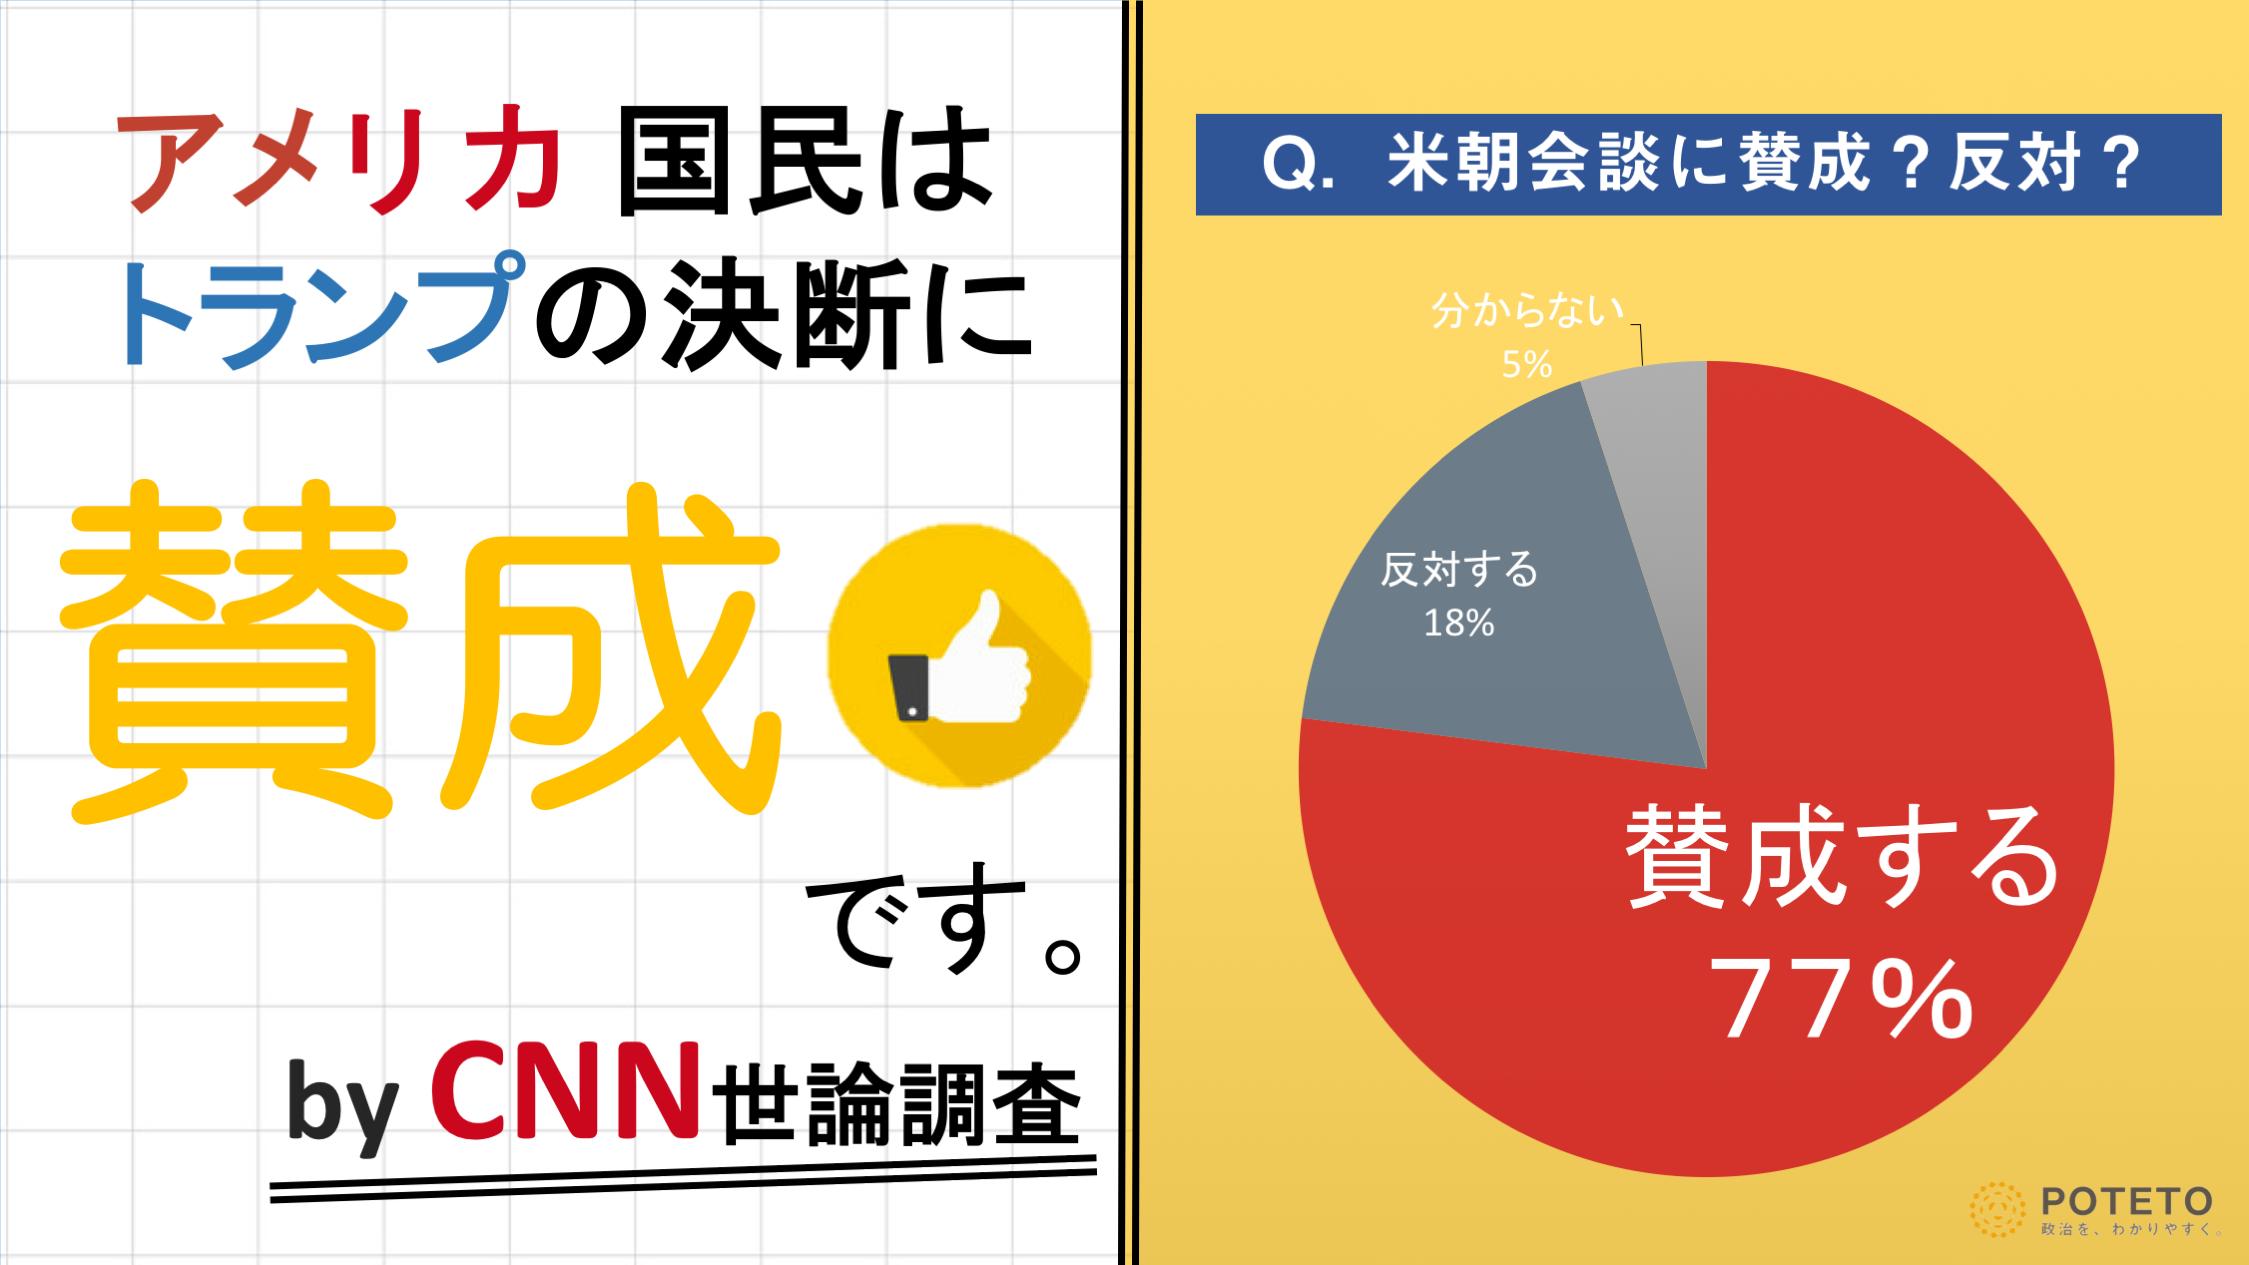 2a831ec055ed4fee4e1d0936ea40500d 1 - 米国民の8割が米朝会談に賛成?<br>海外の反応、日本への影響は?